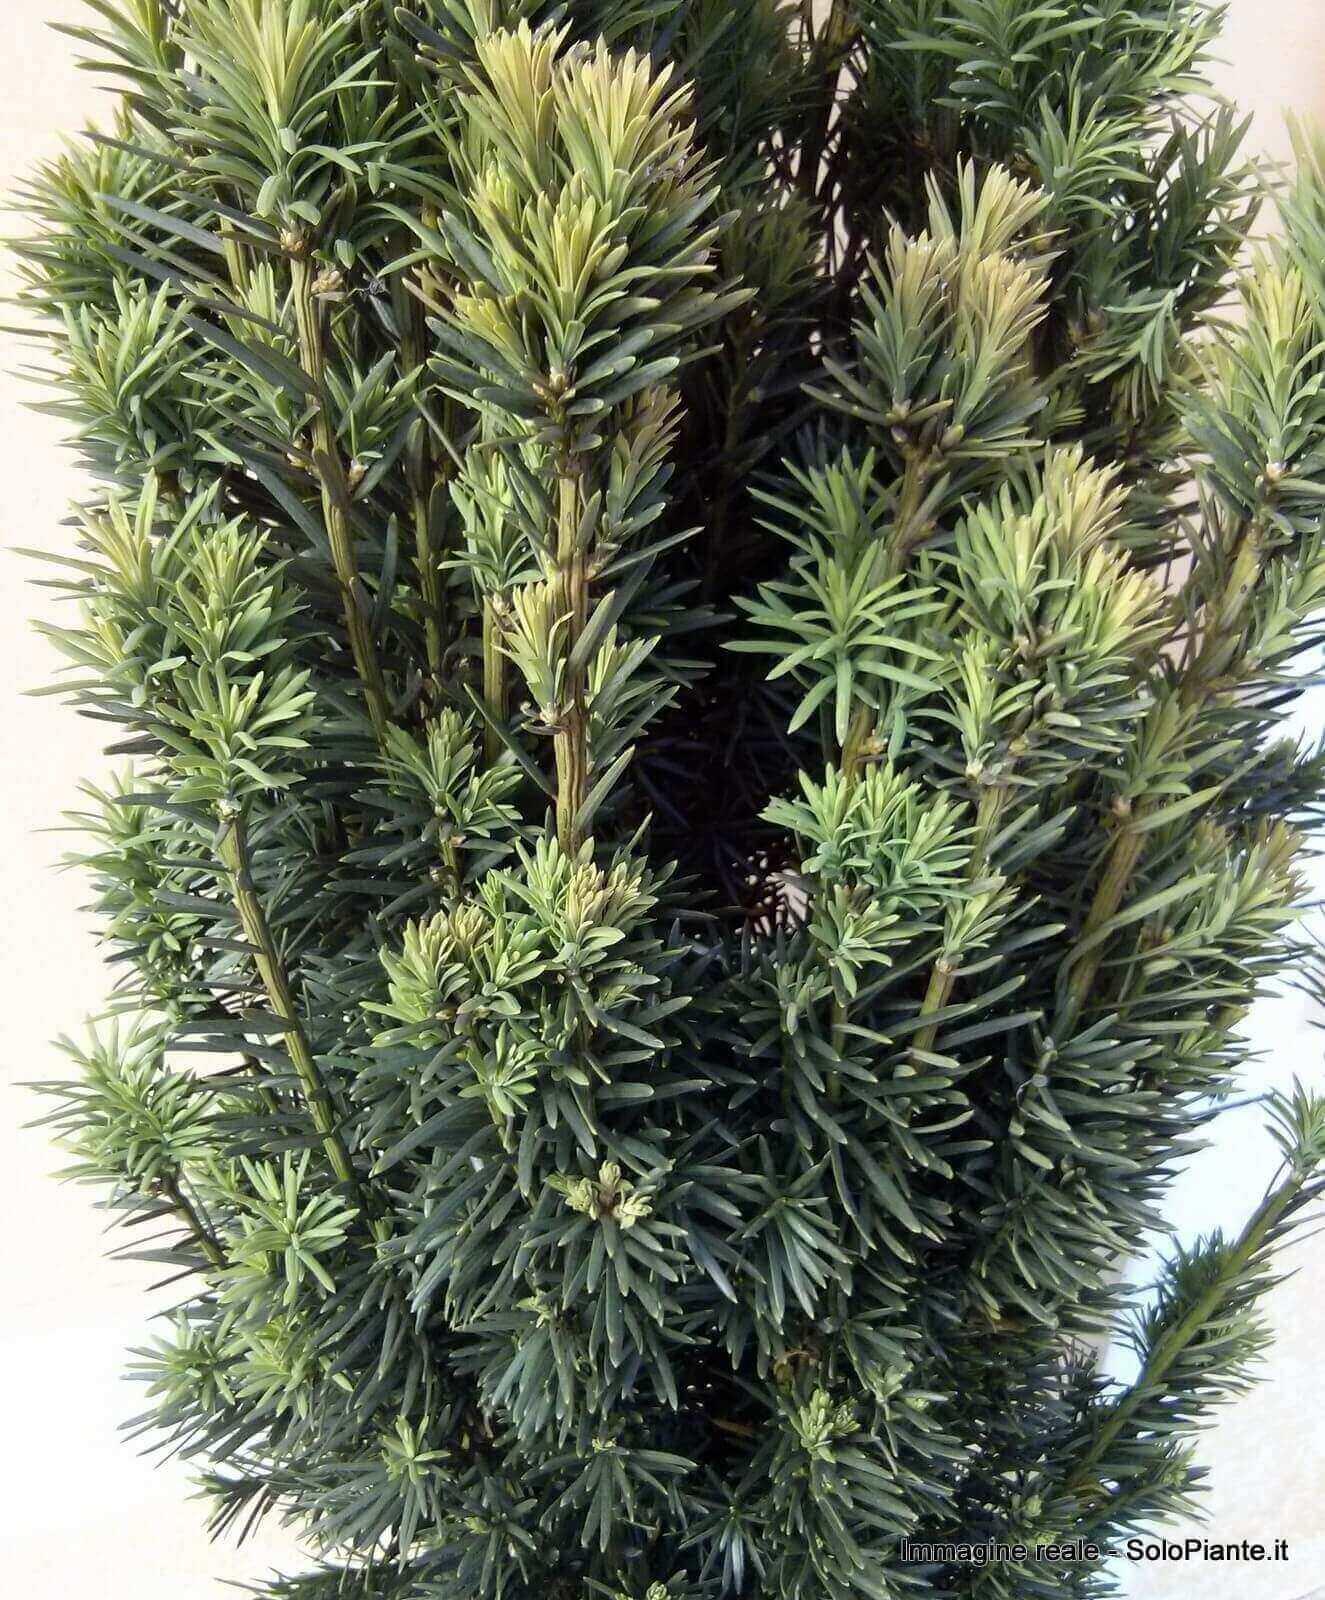 Tasso baccata fastigiata vendita piante on line for Piante da frutto vendita on line